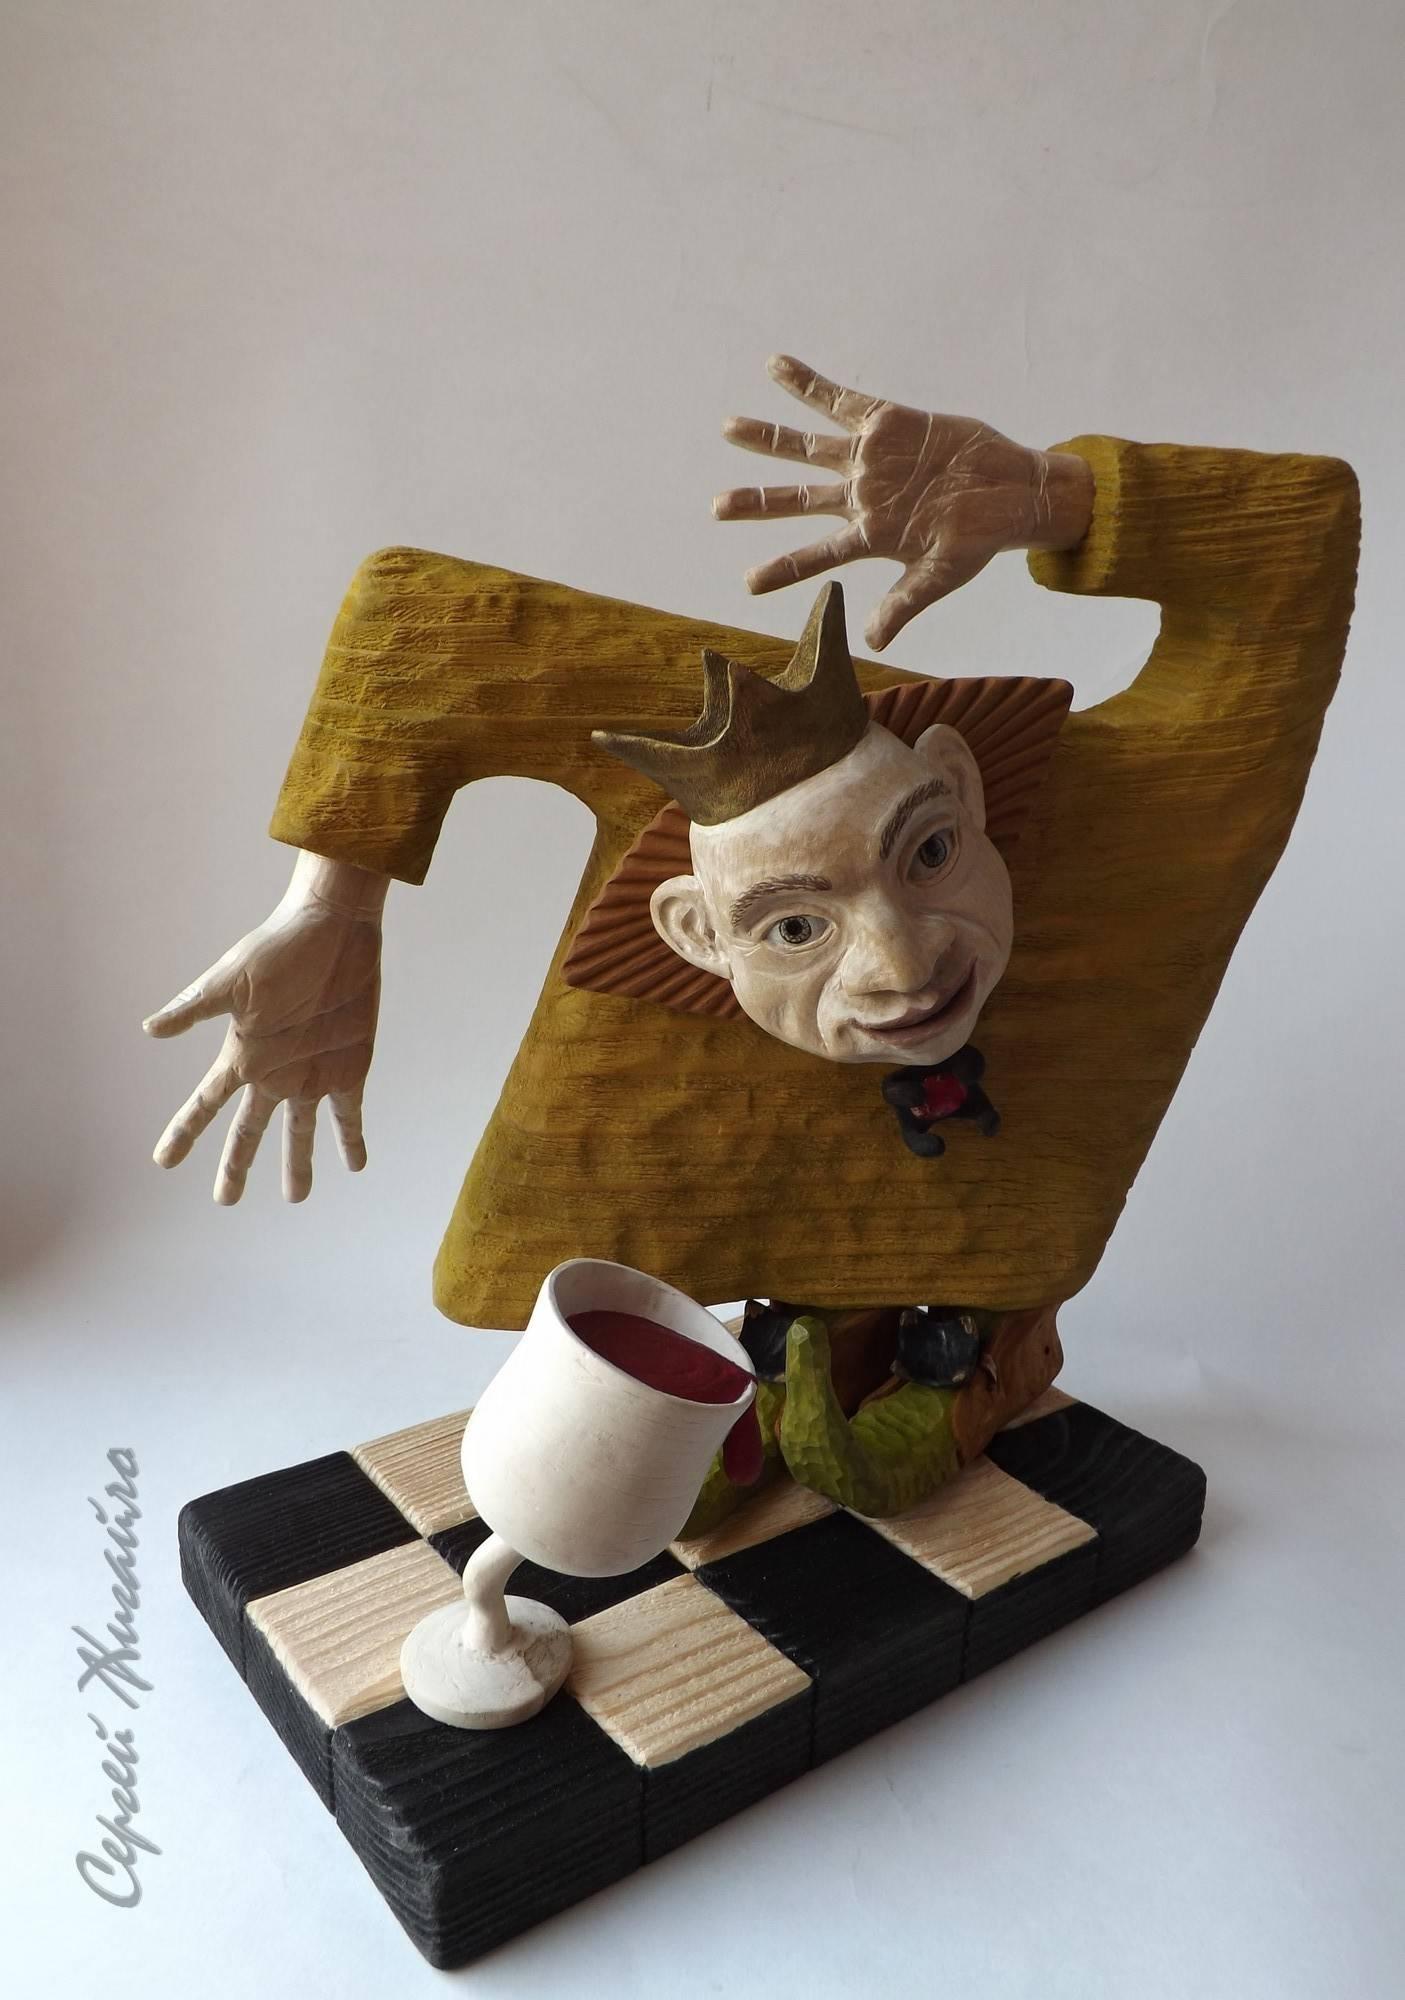 """Wooden sculpture """"DANSING KING"""". Materials - wood (maple, pine, alder). Height - 27 cm. OOAK, 2018  Скульптура из дерева """"ТАНЦУЮЩИЙ КОРОЛЬ"""". Материалы - дерево (ольха, сосна, клён). Высота - 27см. Единственный экземпляр, 2018"""